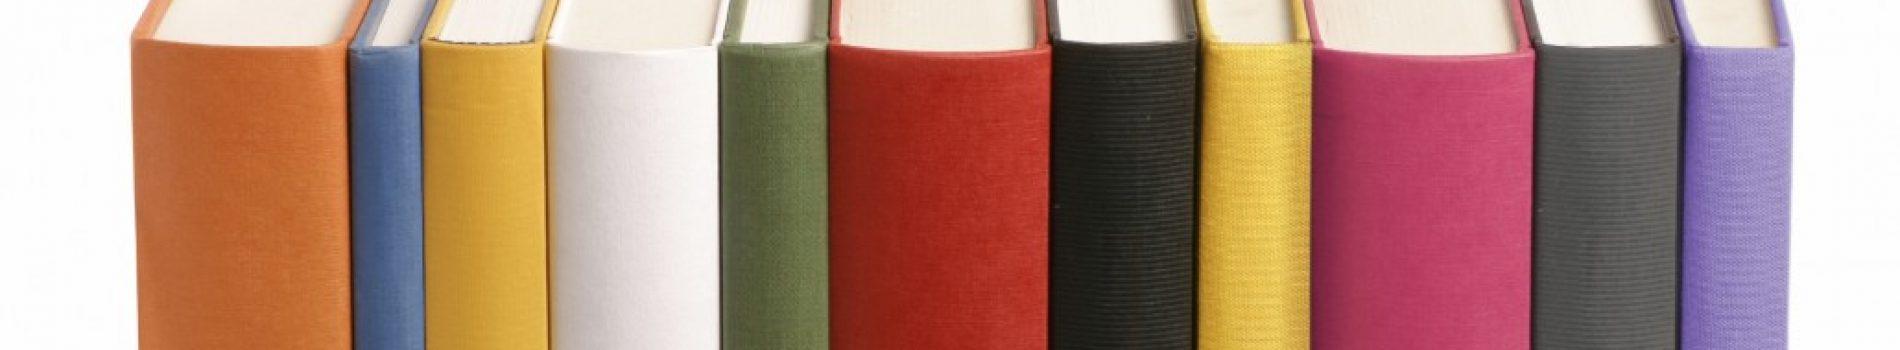 boek-uitgeven-eigen-beheer-rug_vh_boek-1030x549